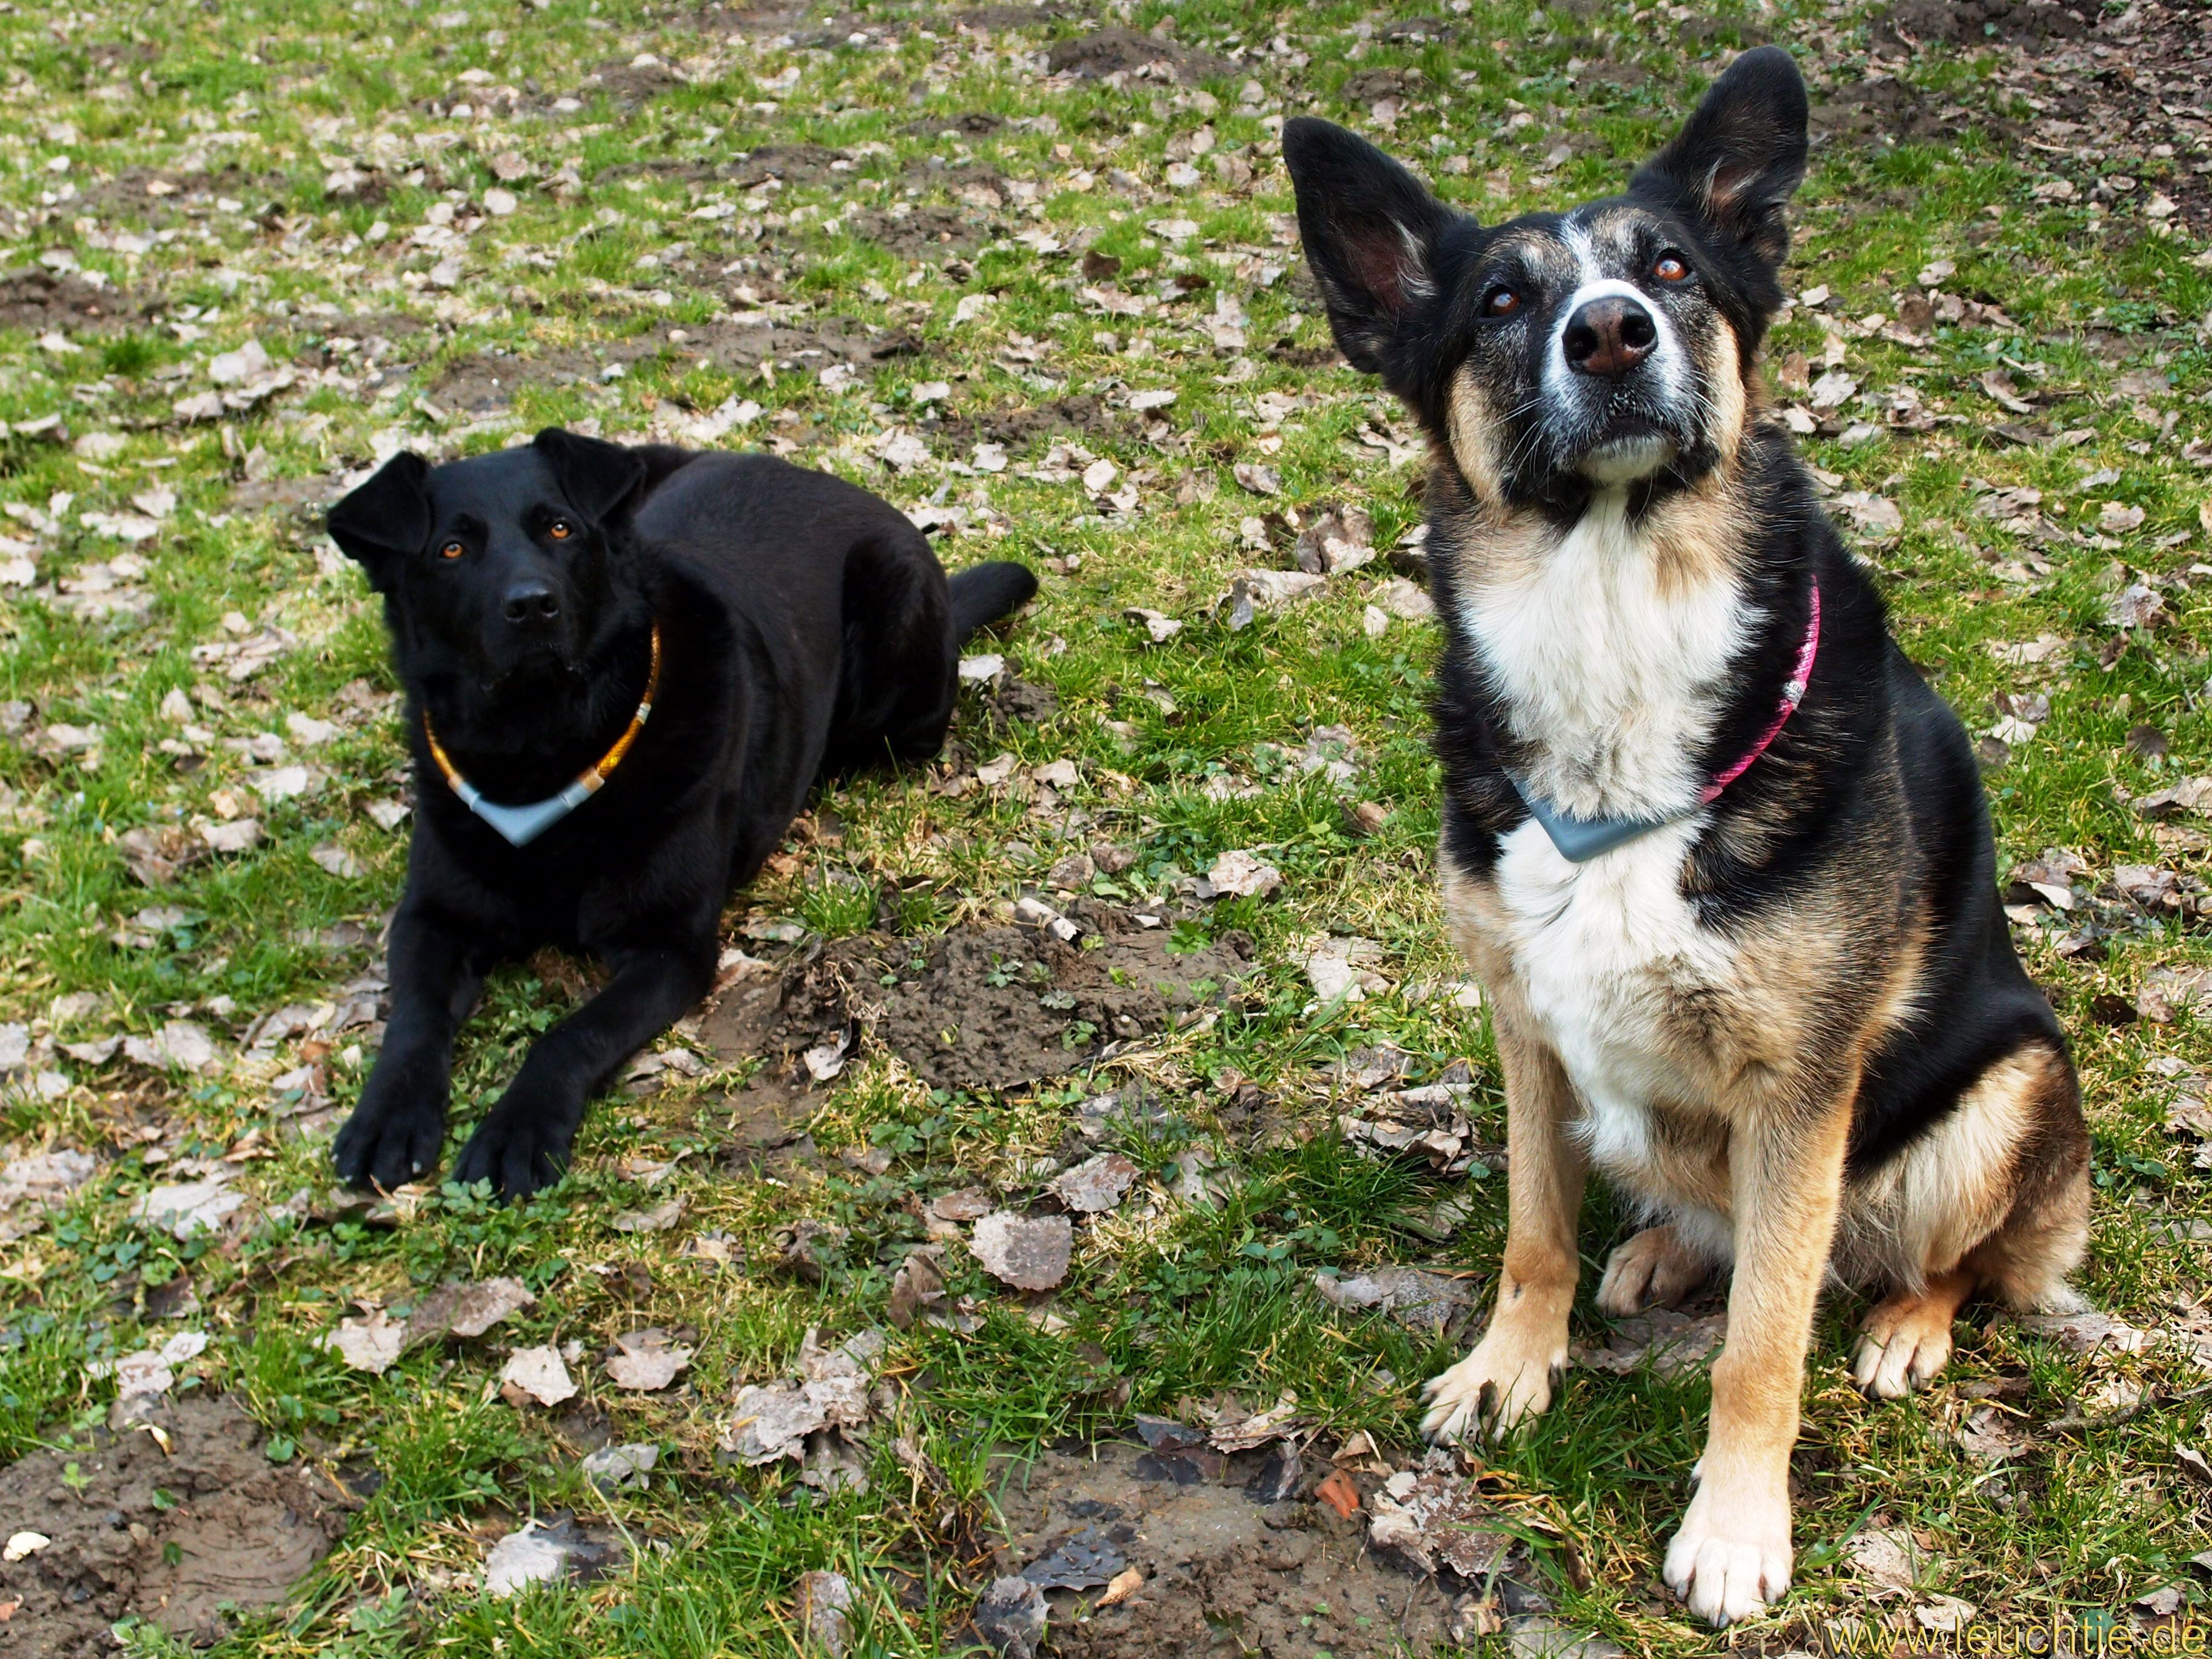 Led Leuchthalsband Leuchtie Plus Für Hunde Als Eine Spende Für Das